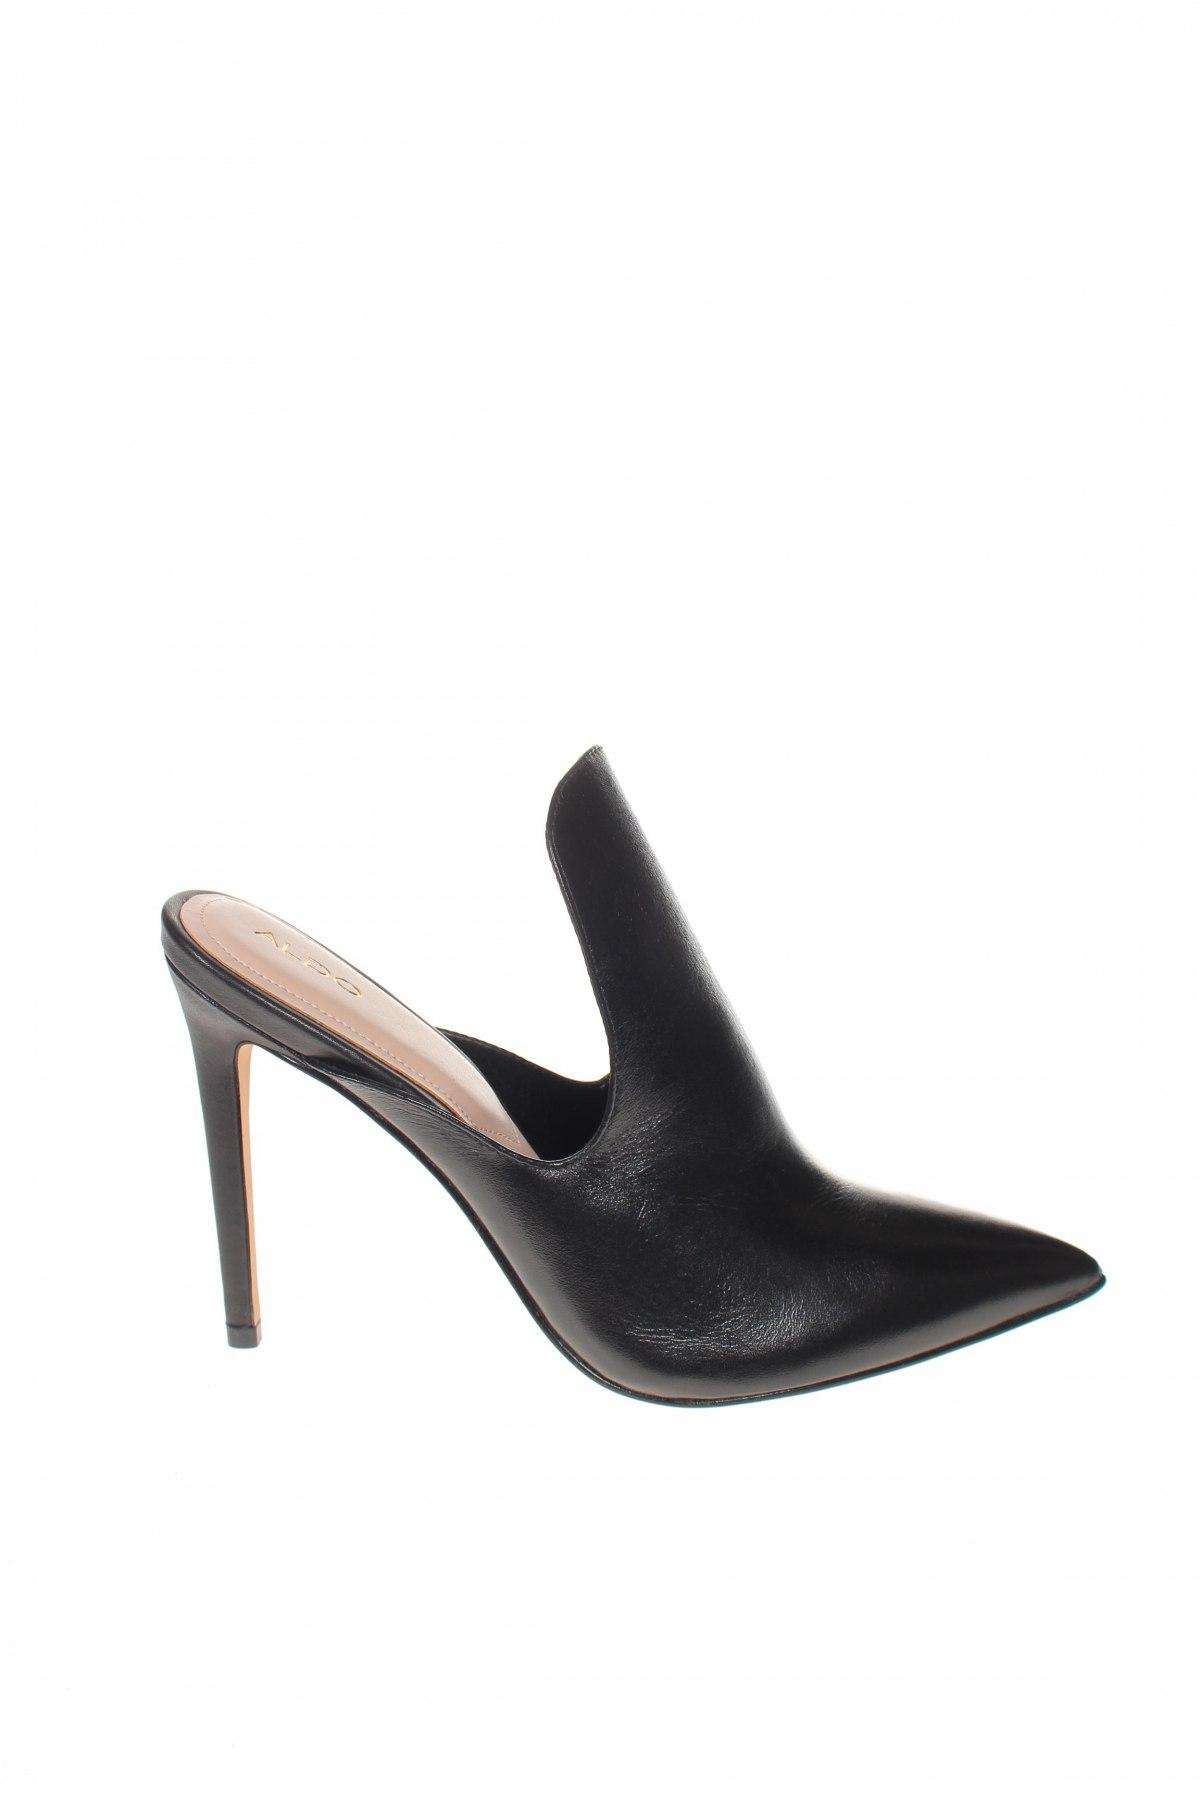 Γυναικείες παντόφλες Aldo, Μέγεθος 39, Χρώμα Μαύρο, Γνήσιο δέρμα, Τιμή 29,82€